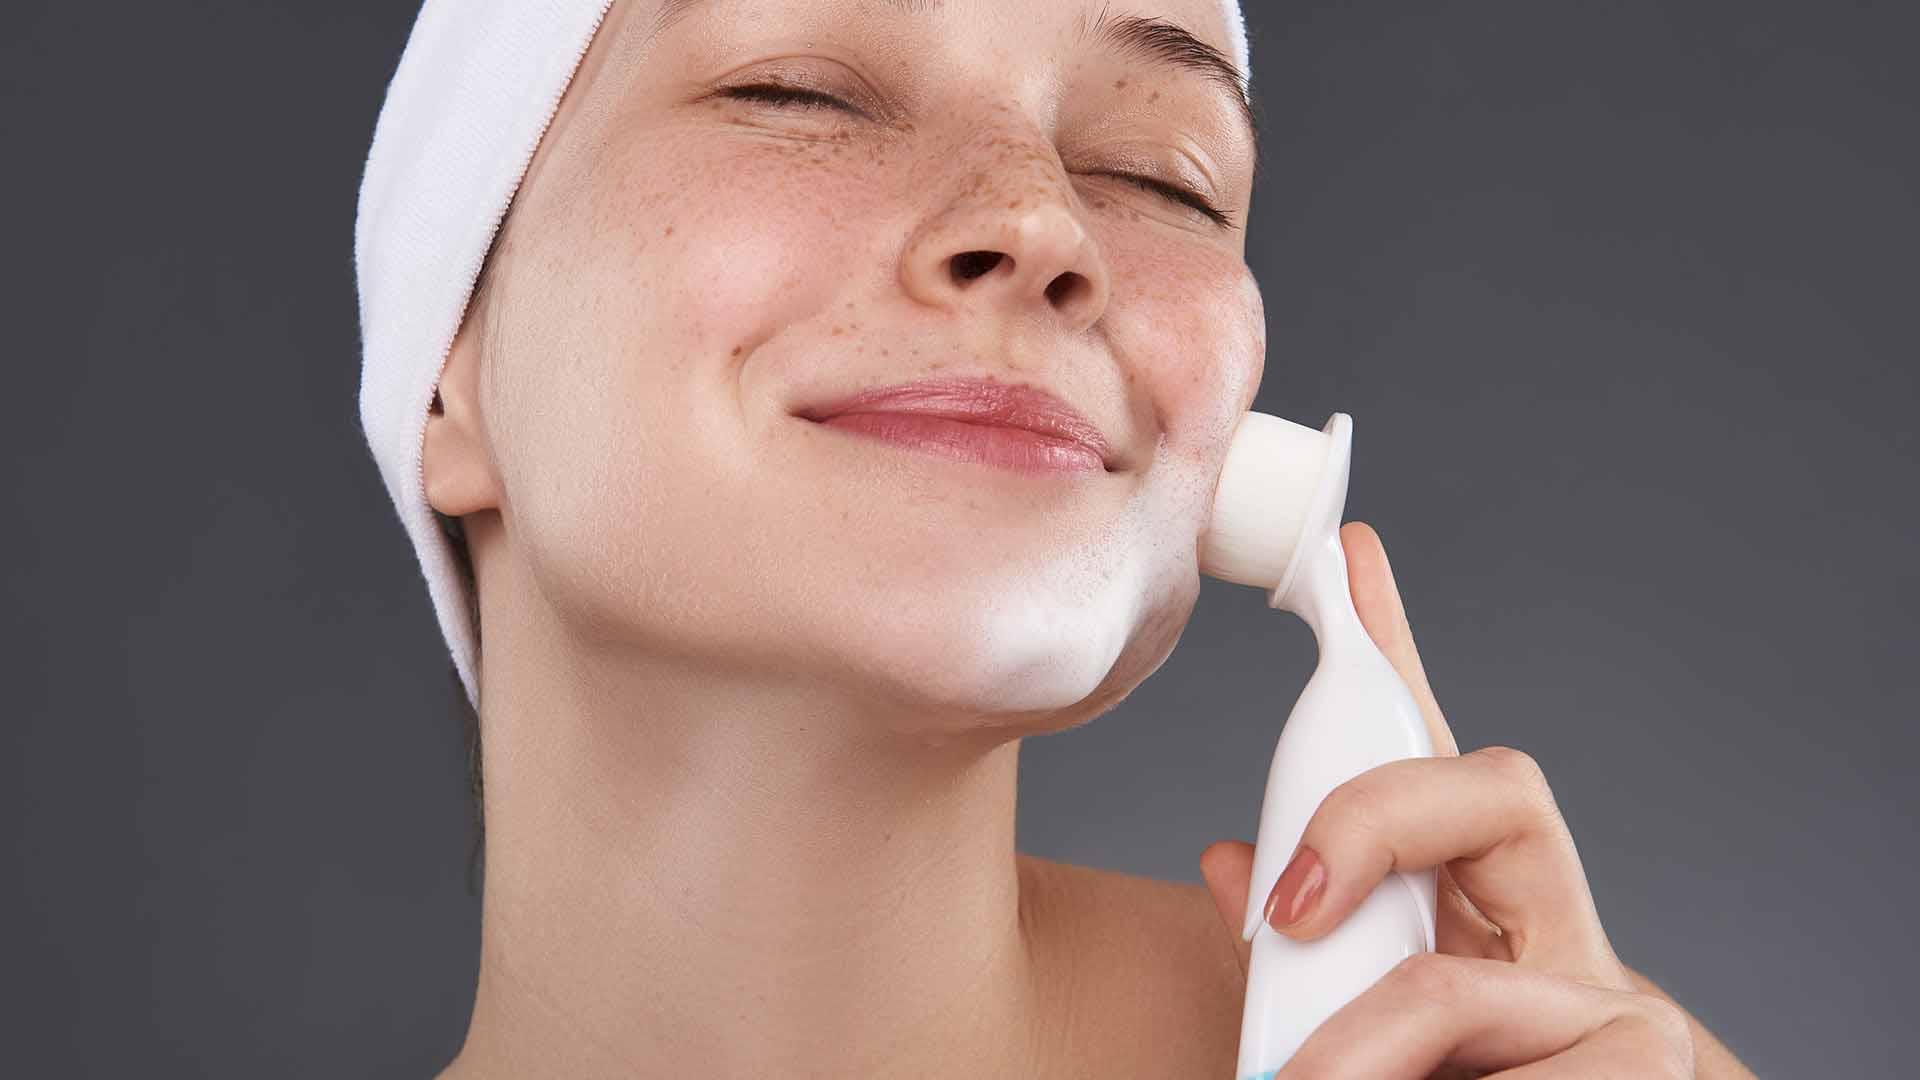 نحوه شستشوی صورت با فیس براش